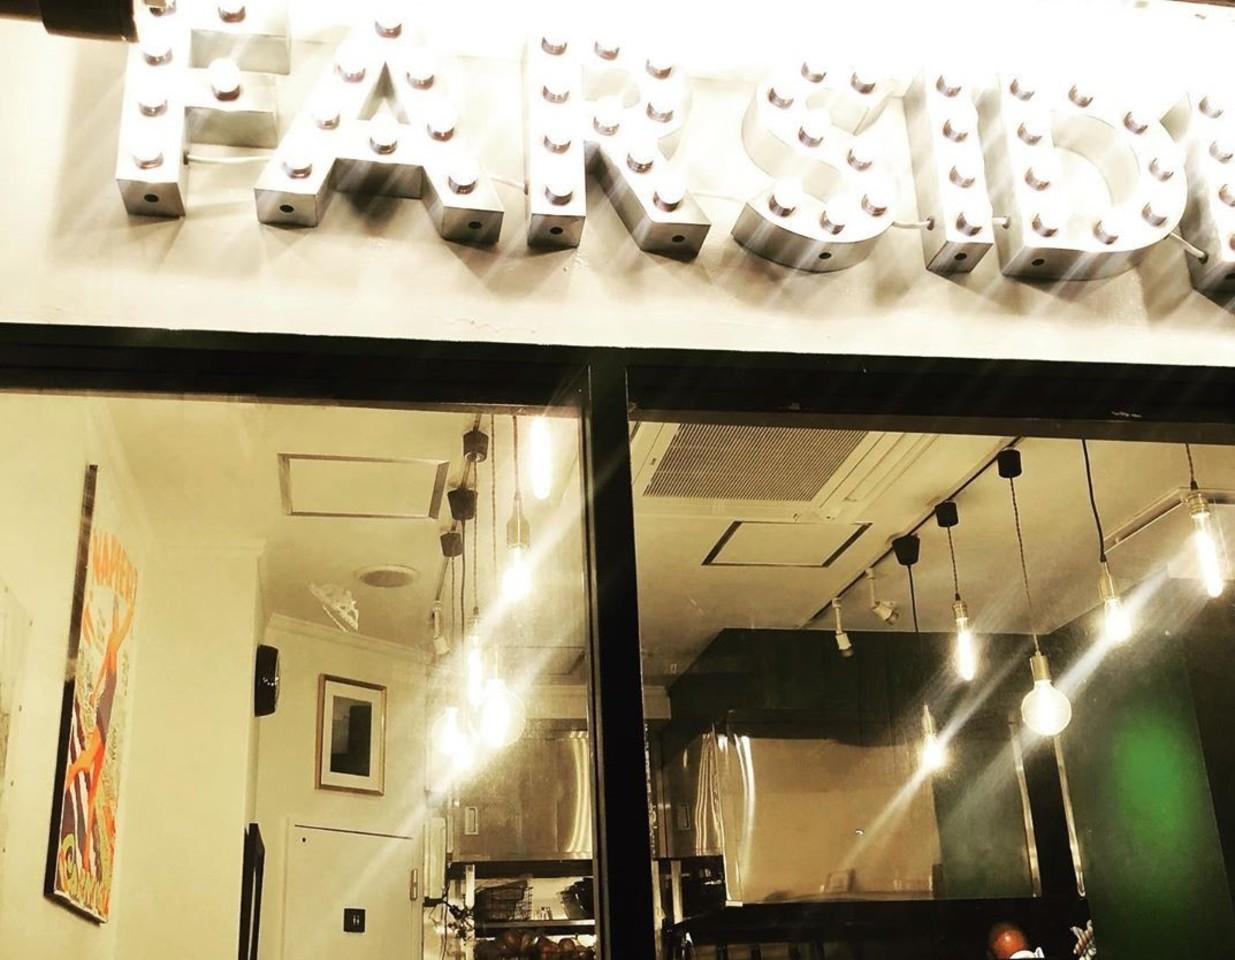 ローカルホットサンドイッチプレイス...東京都江東区亀戸6丁目の「ファーサイド」